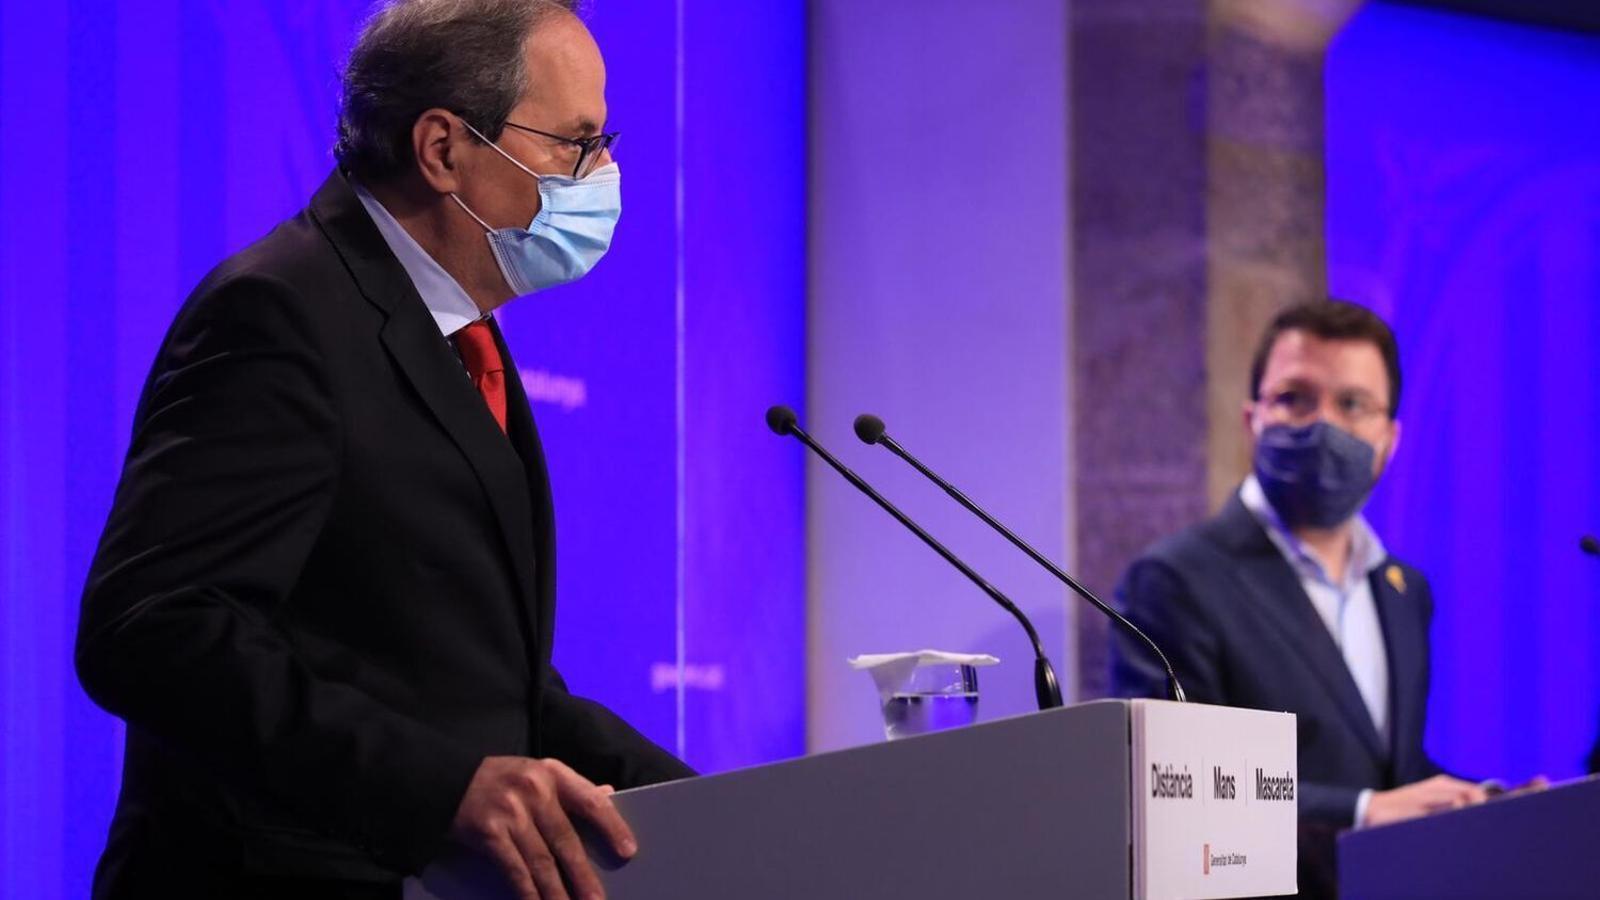 El president de la Generalitat, Quim Torra, i el vicepresident del Govern i conseller d'Economia i Hisenda, Pere Aragonès / JORDI BEDMAR / GENERALITAT